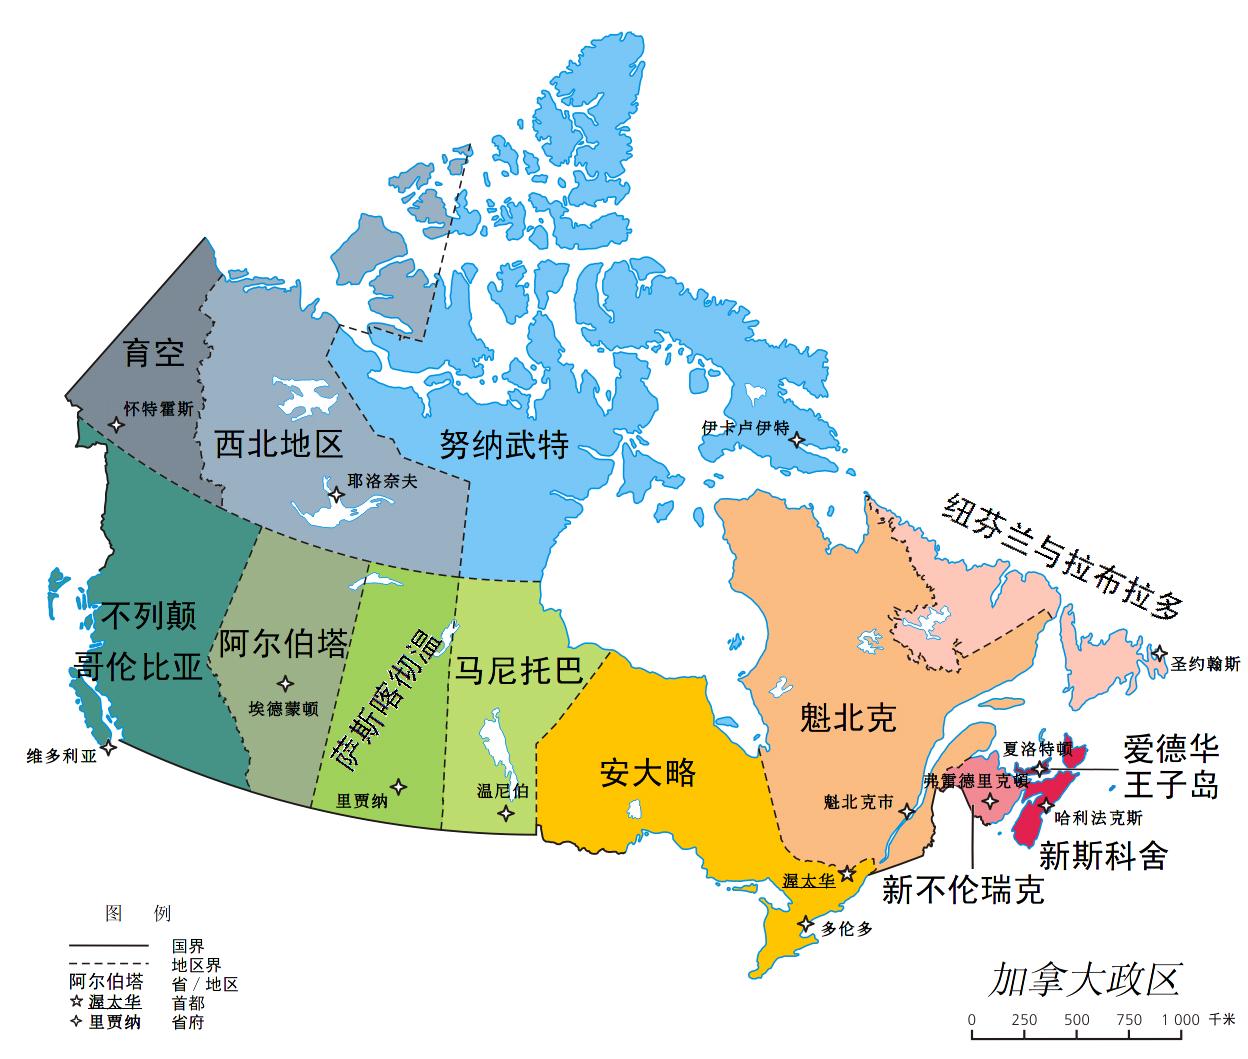 加拿大行政区划图_加拿大地图库